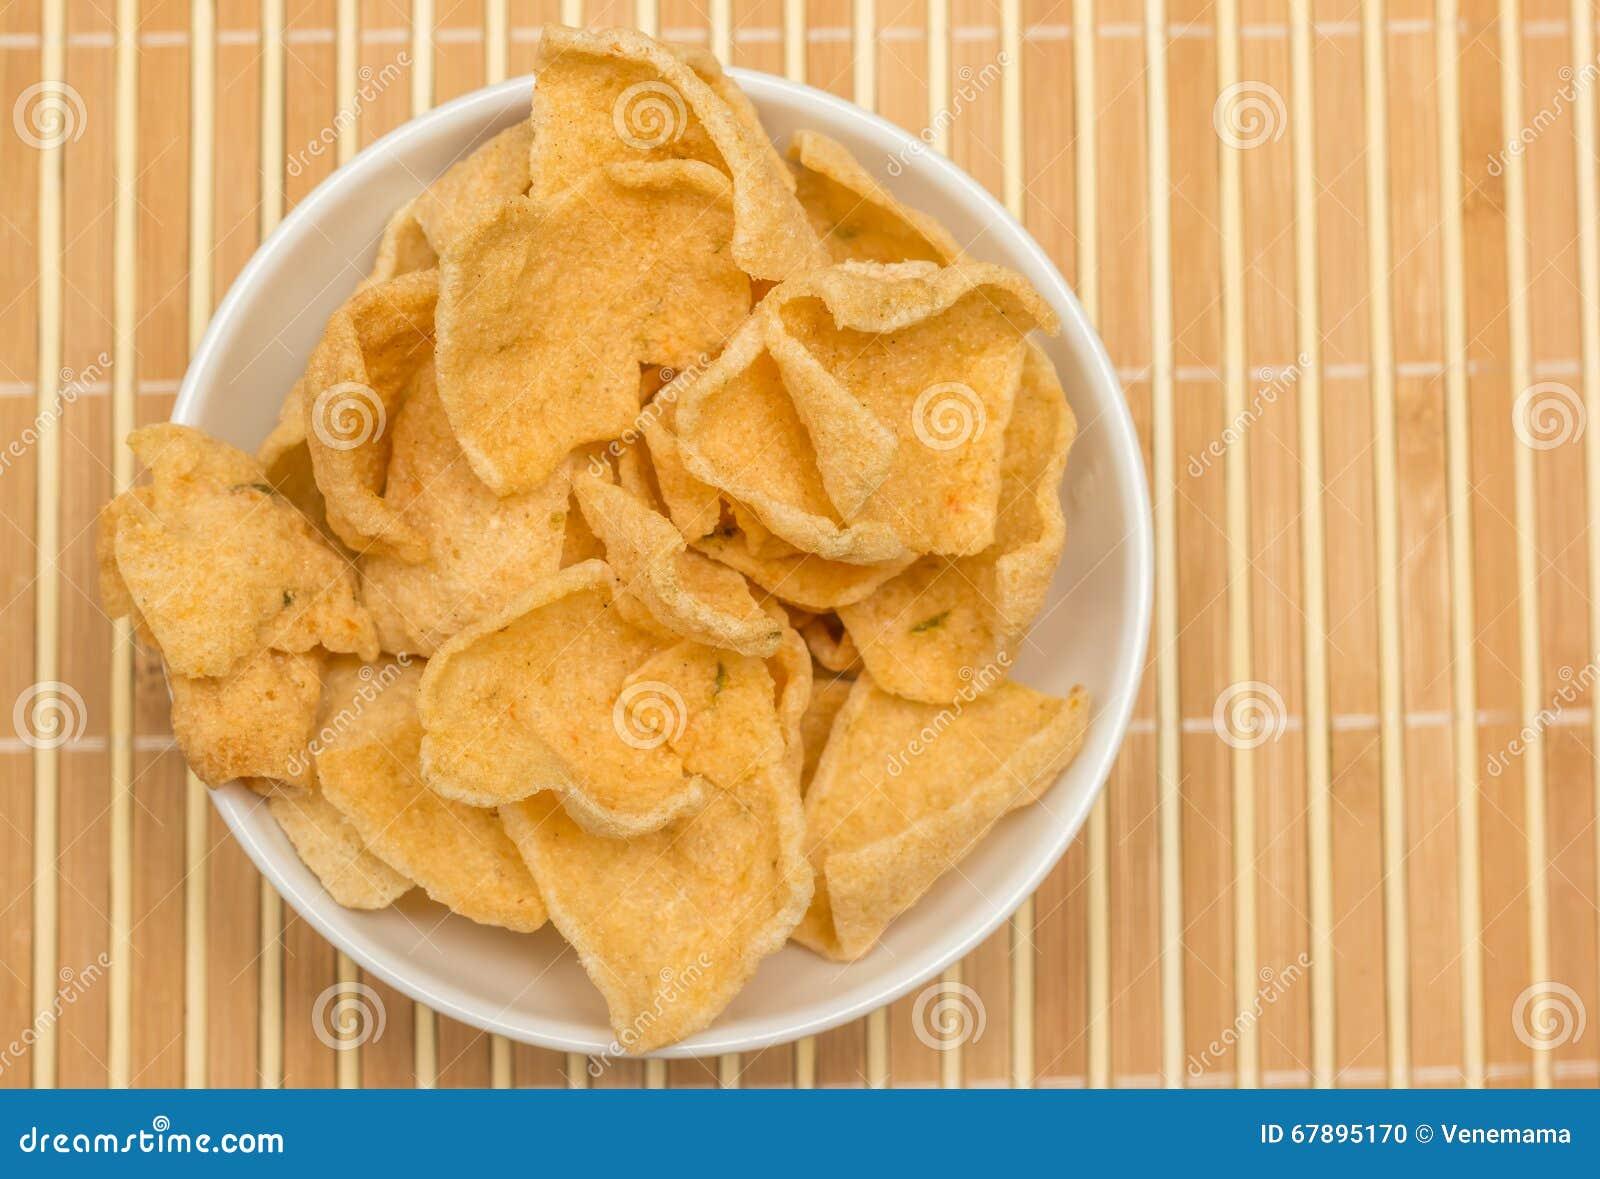 辣印度尼西亚cassave薄脆饼干